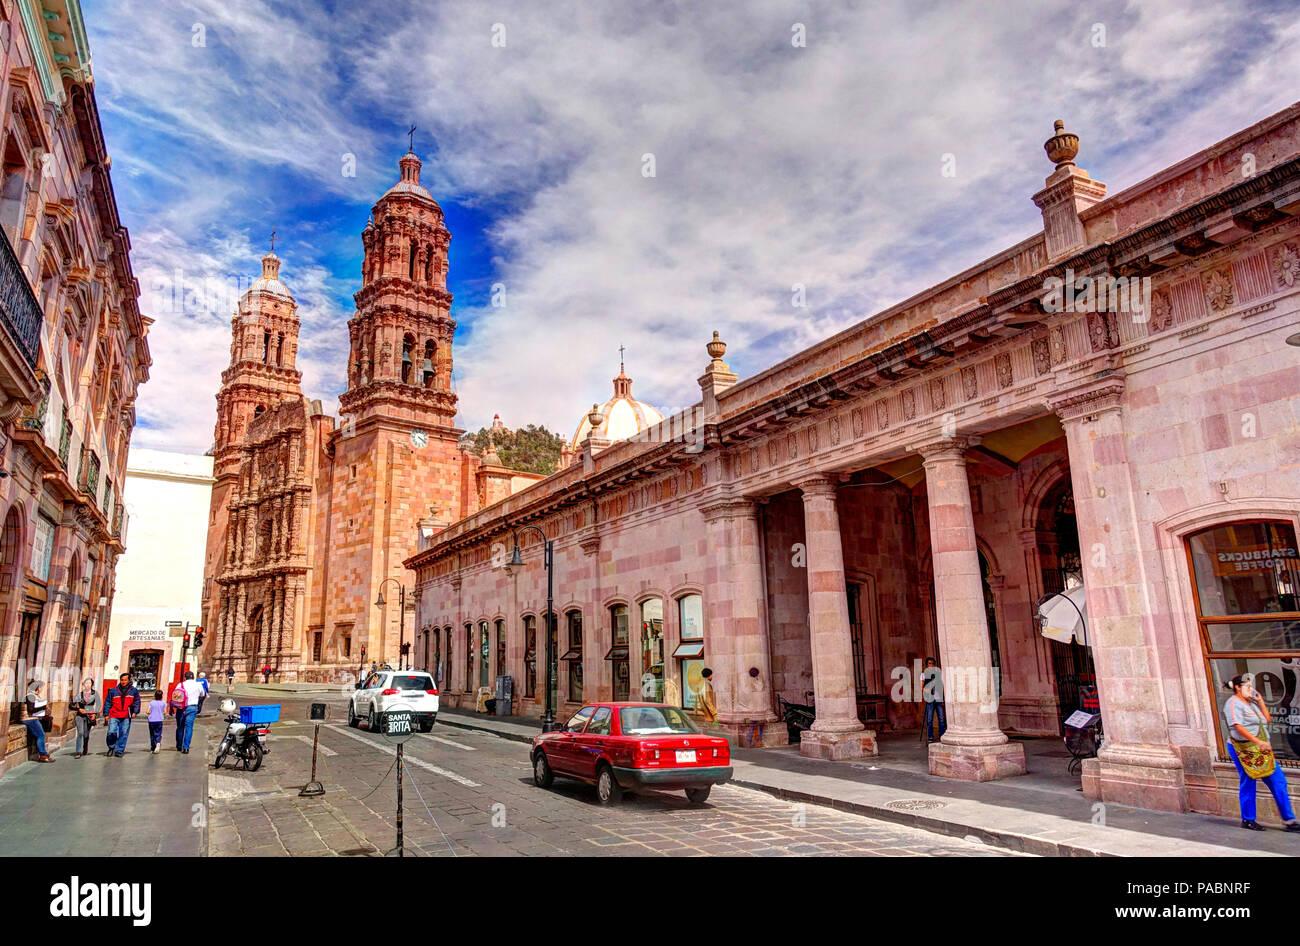 Travel Mexico Mexican Zacatecas Stock Photos Travel Mexico Mexican